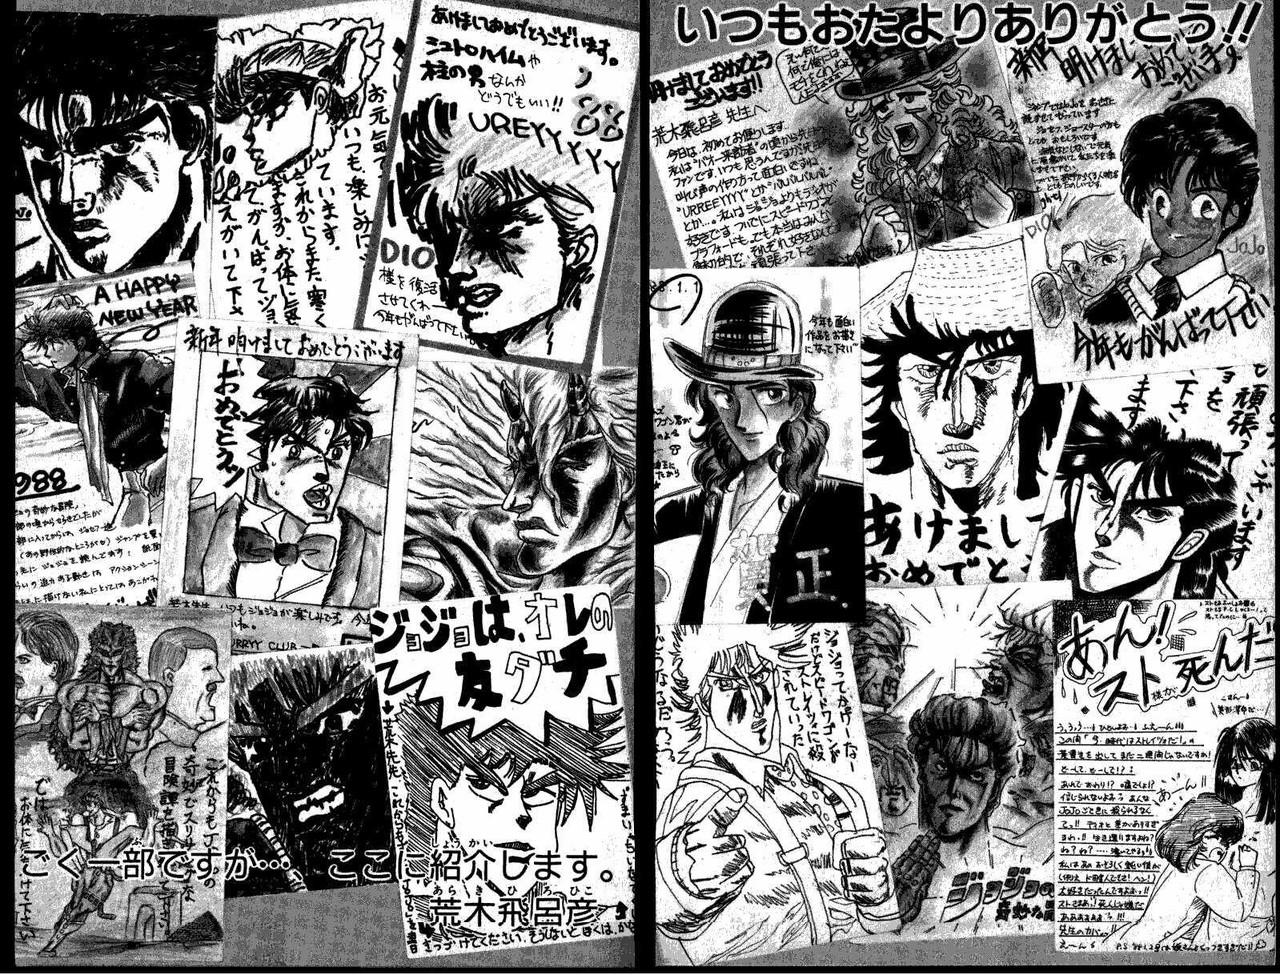 朝目新聞 過去ニュース